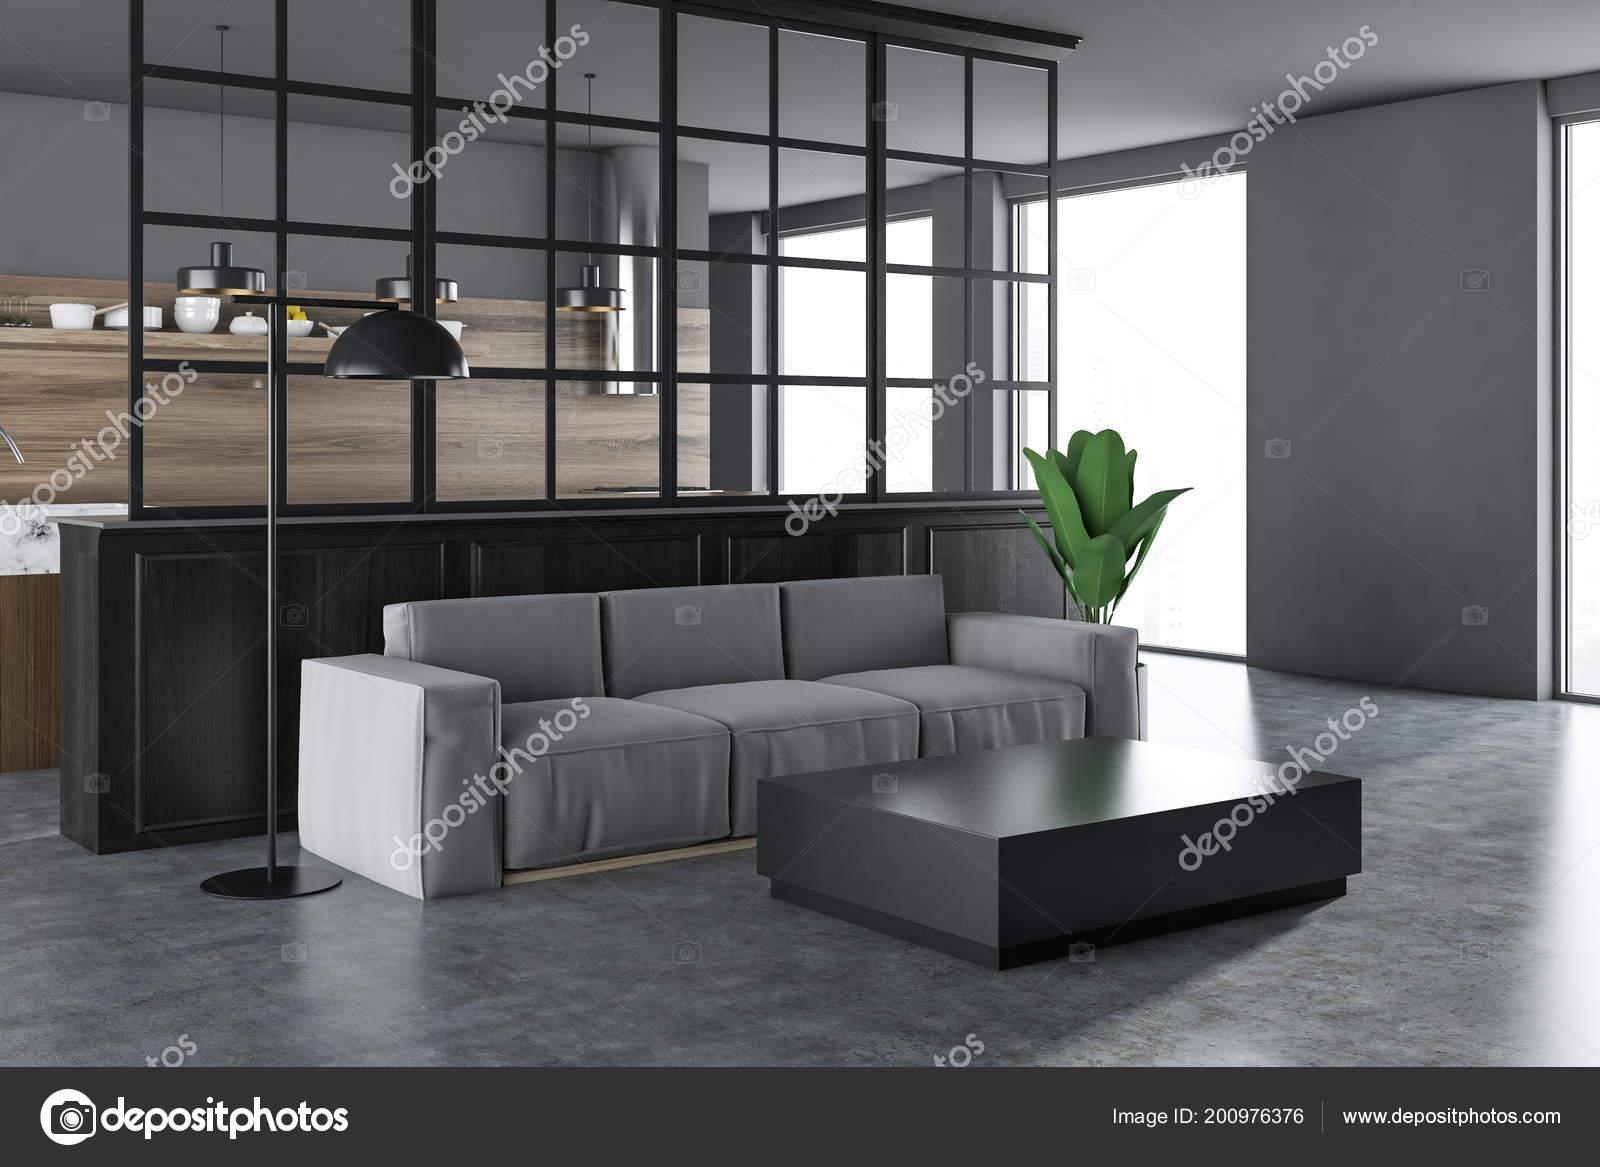 Zwarte Vloer Woonkamer : Witte zwarte woonkamer hoek met een grijze vloer een lang